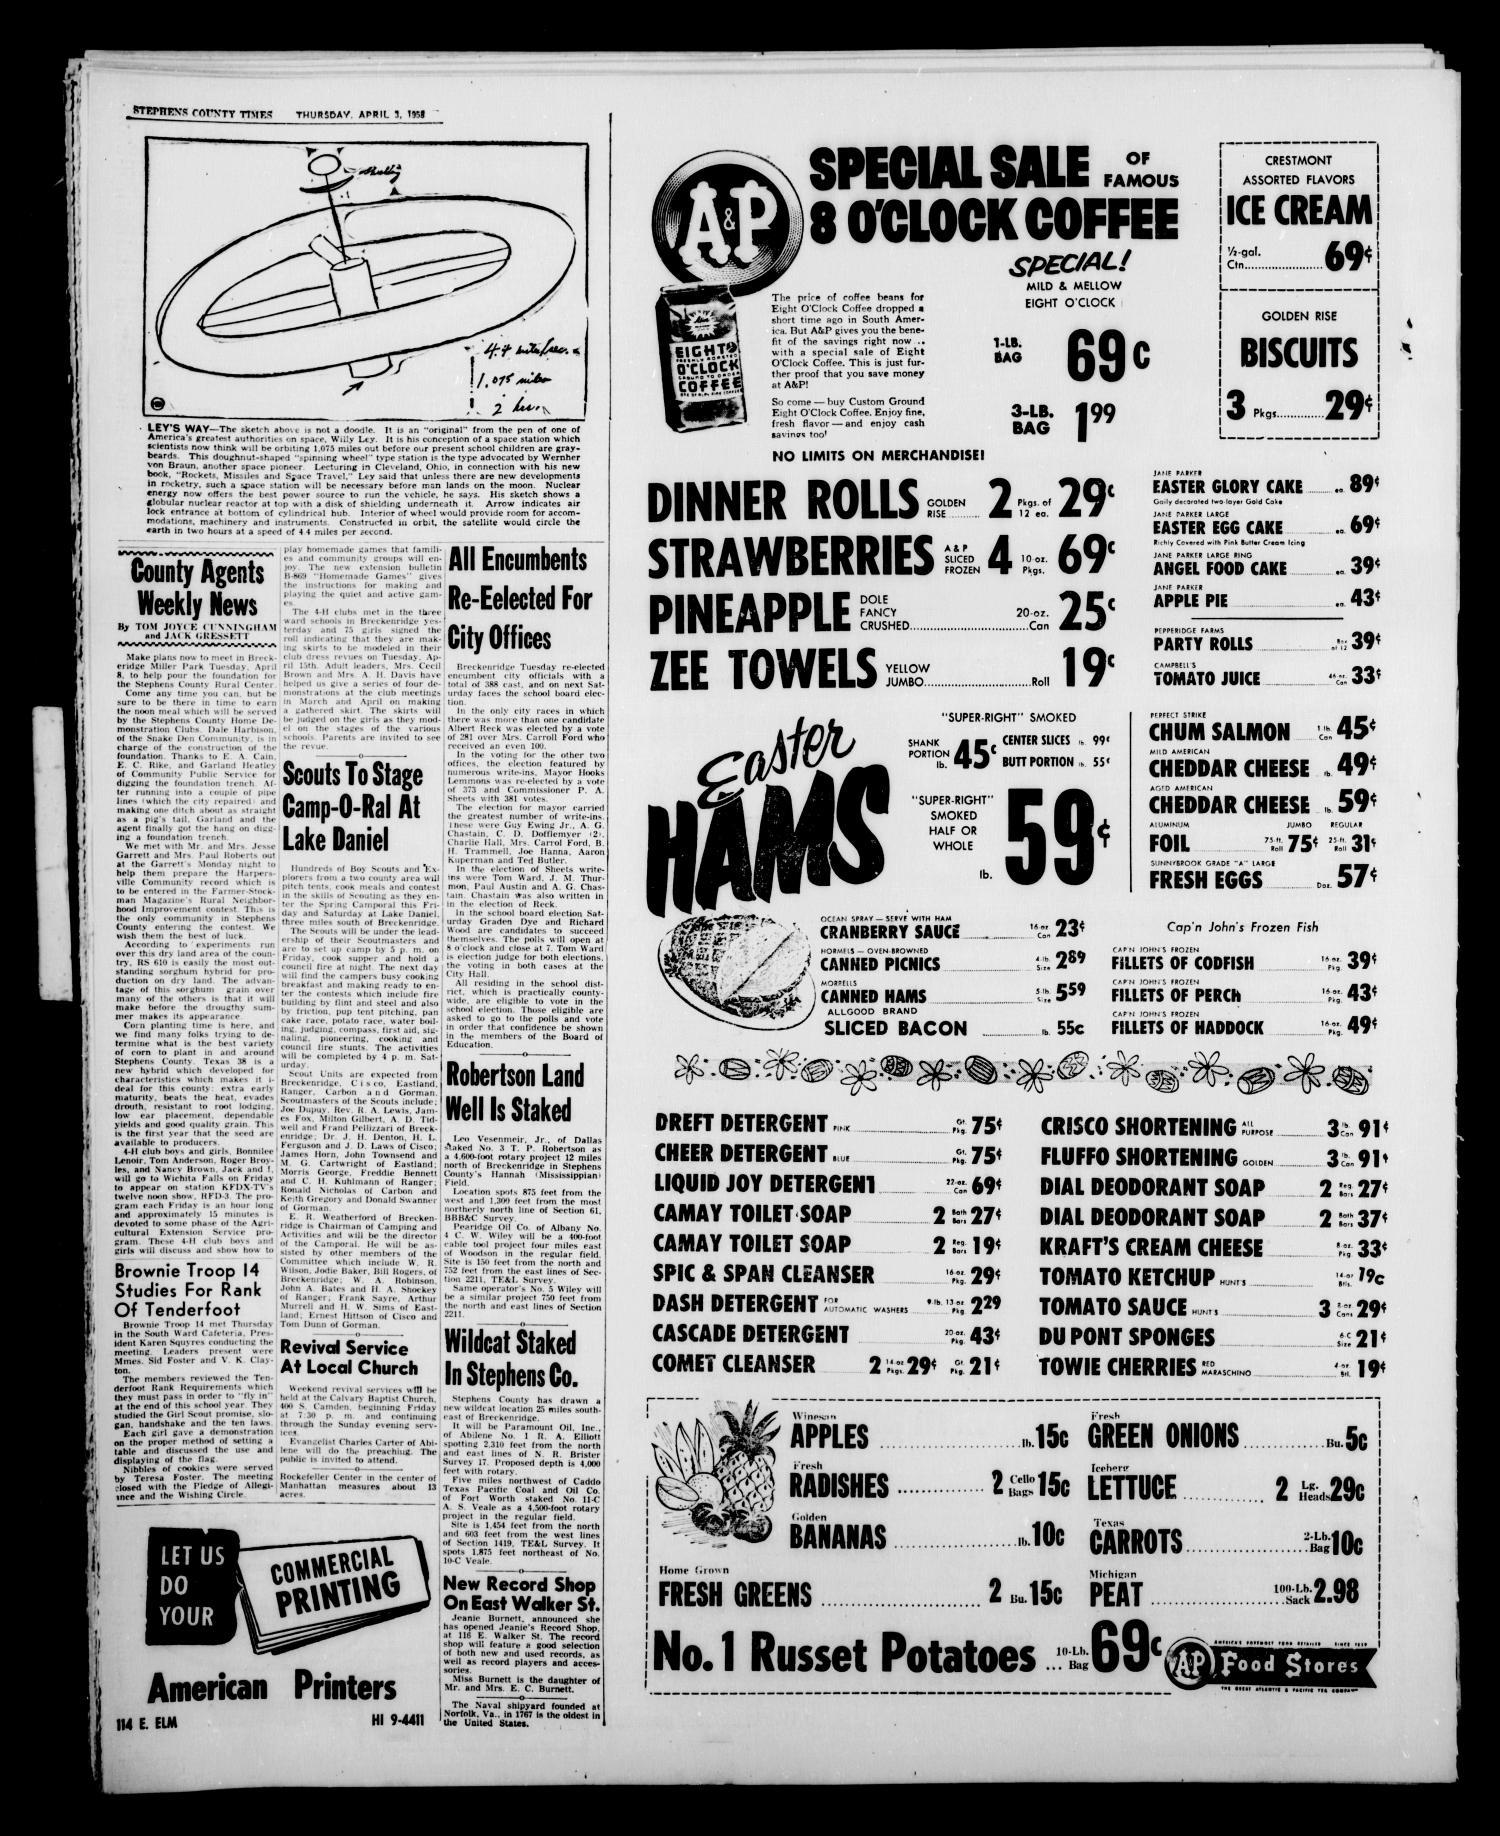 The Stephens County Times (Breckenridge, Tex ), Vol  8, No  14, Ed